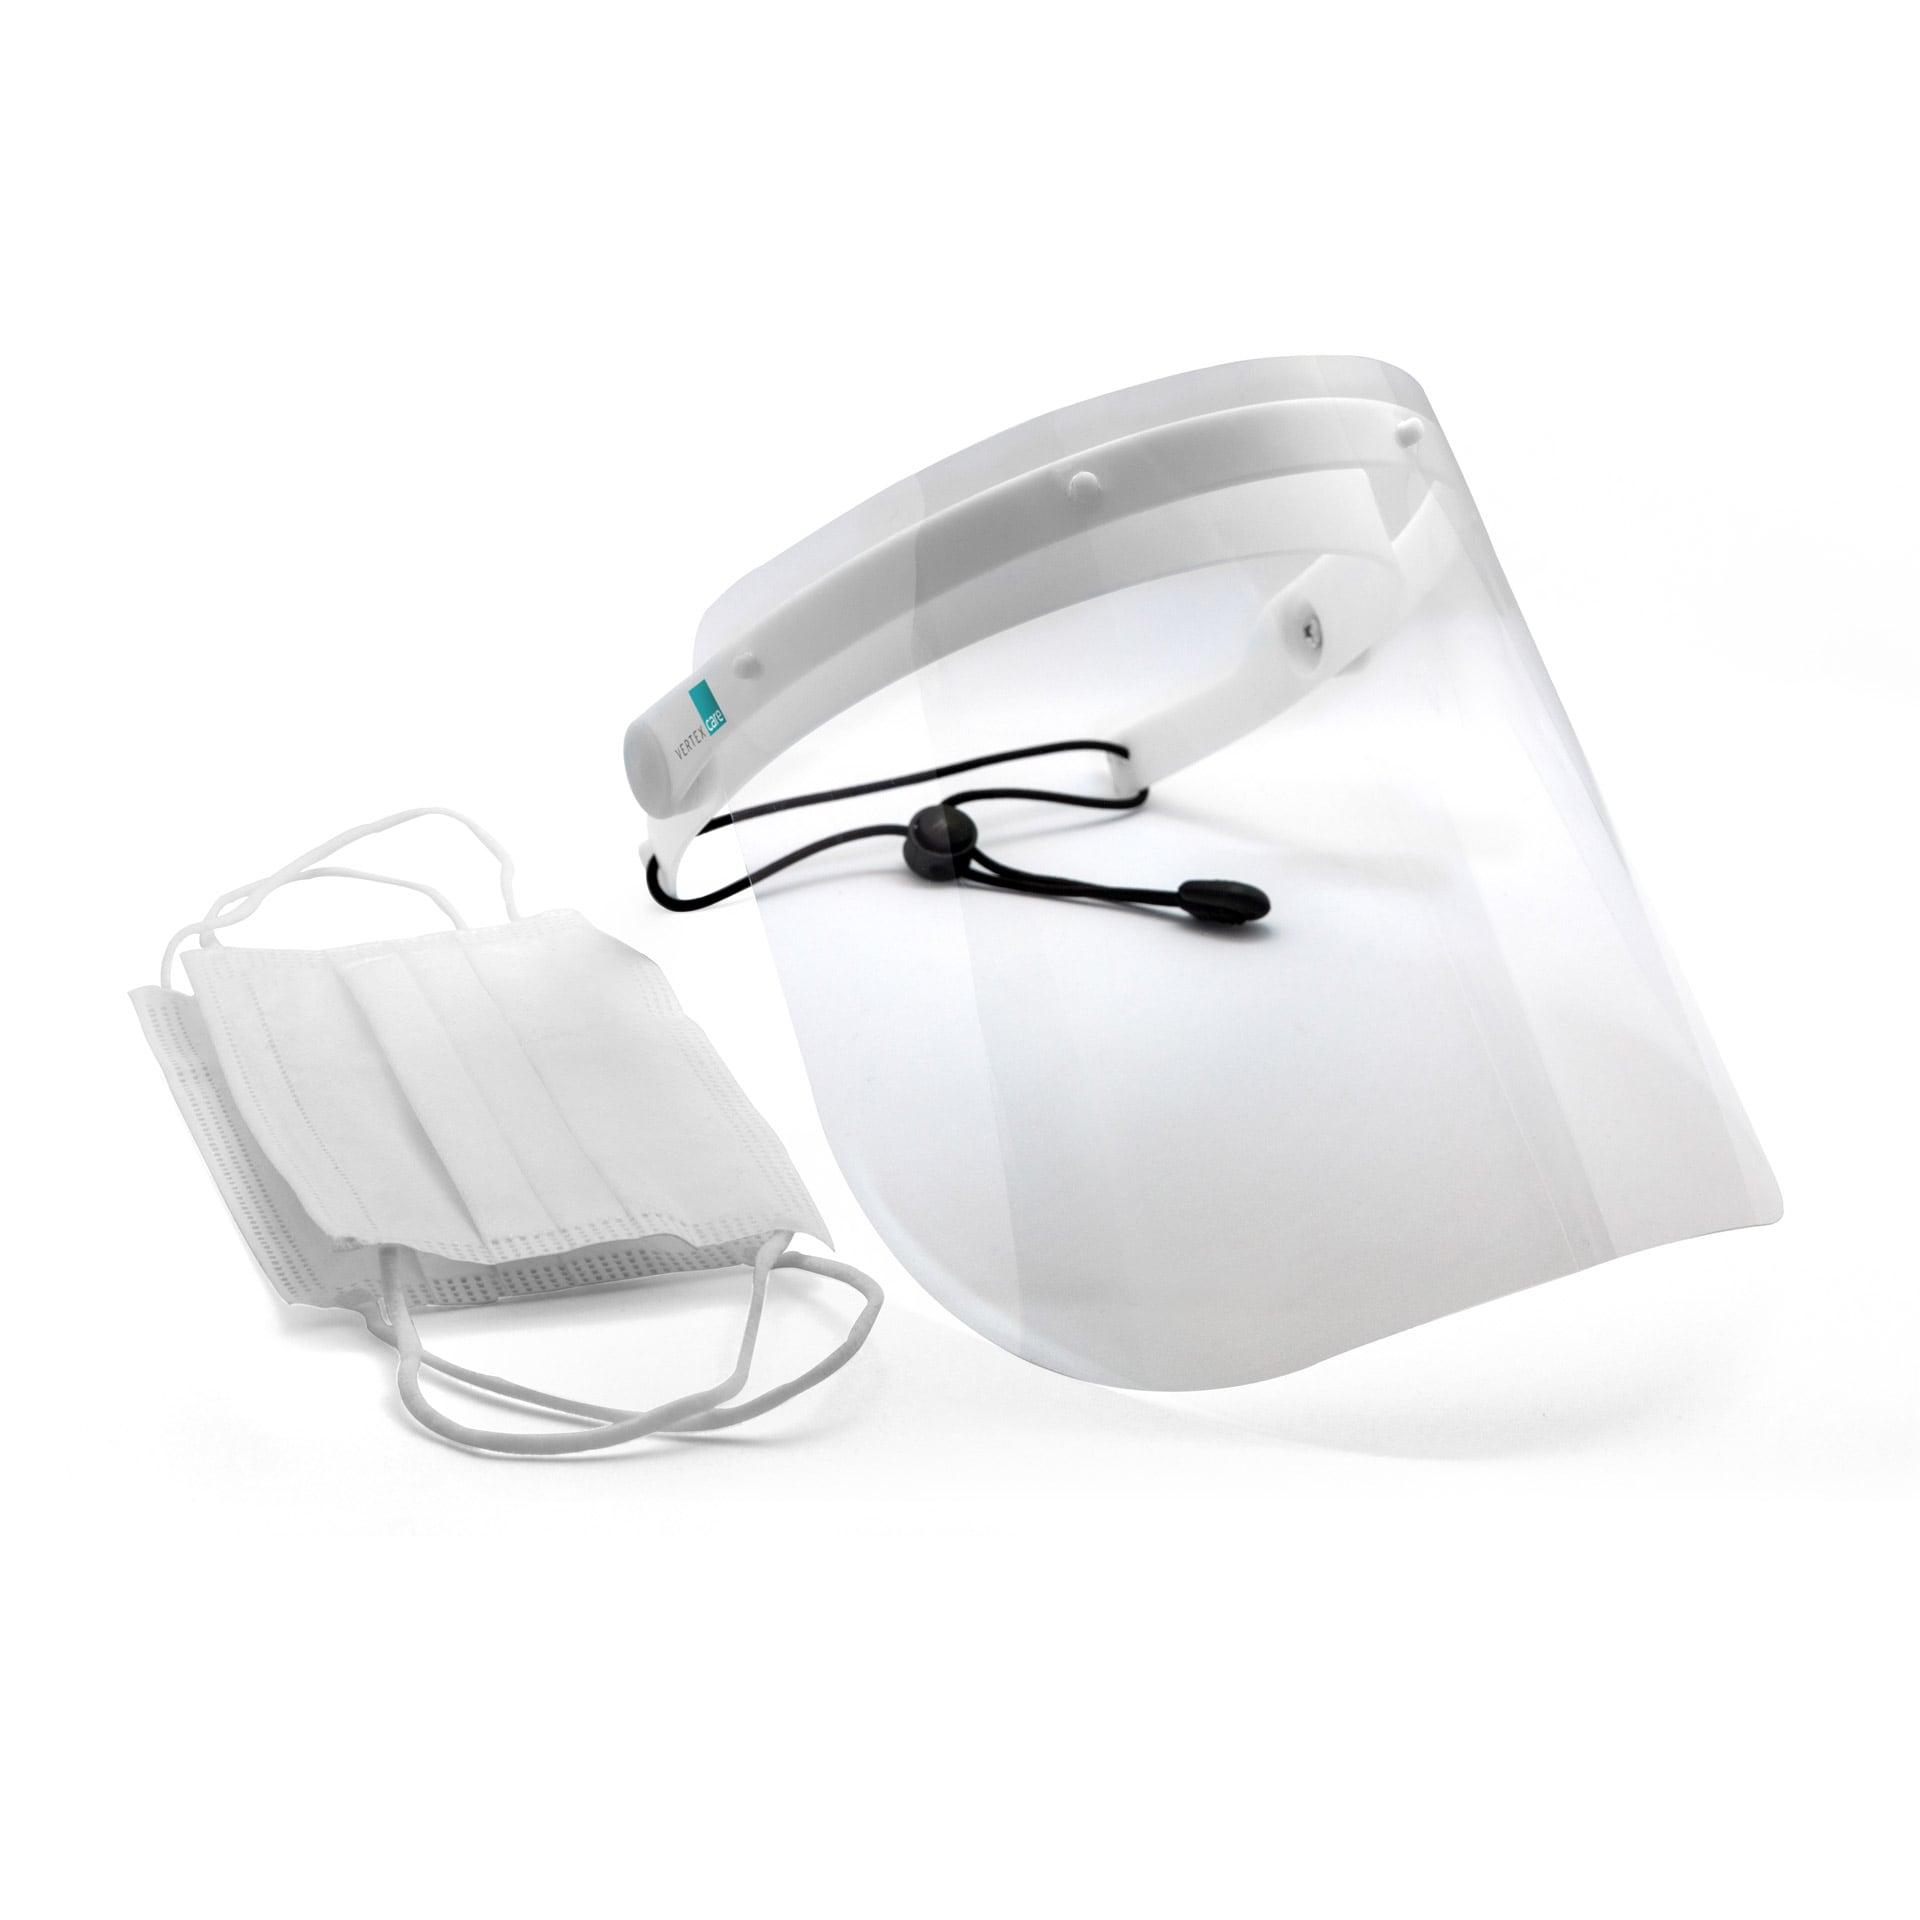 Bundle Gesichtsschutz C mit 50 Stück medizinischen Einwegmasken Typ IIR